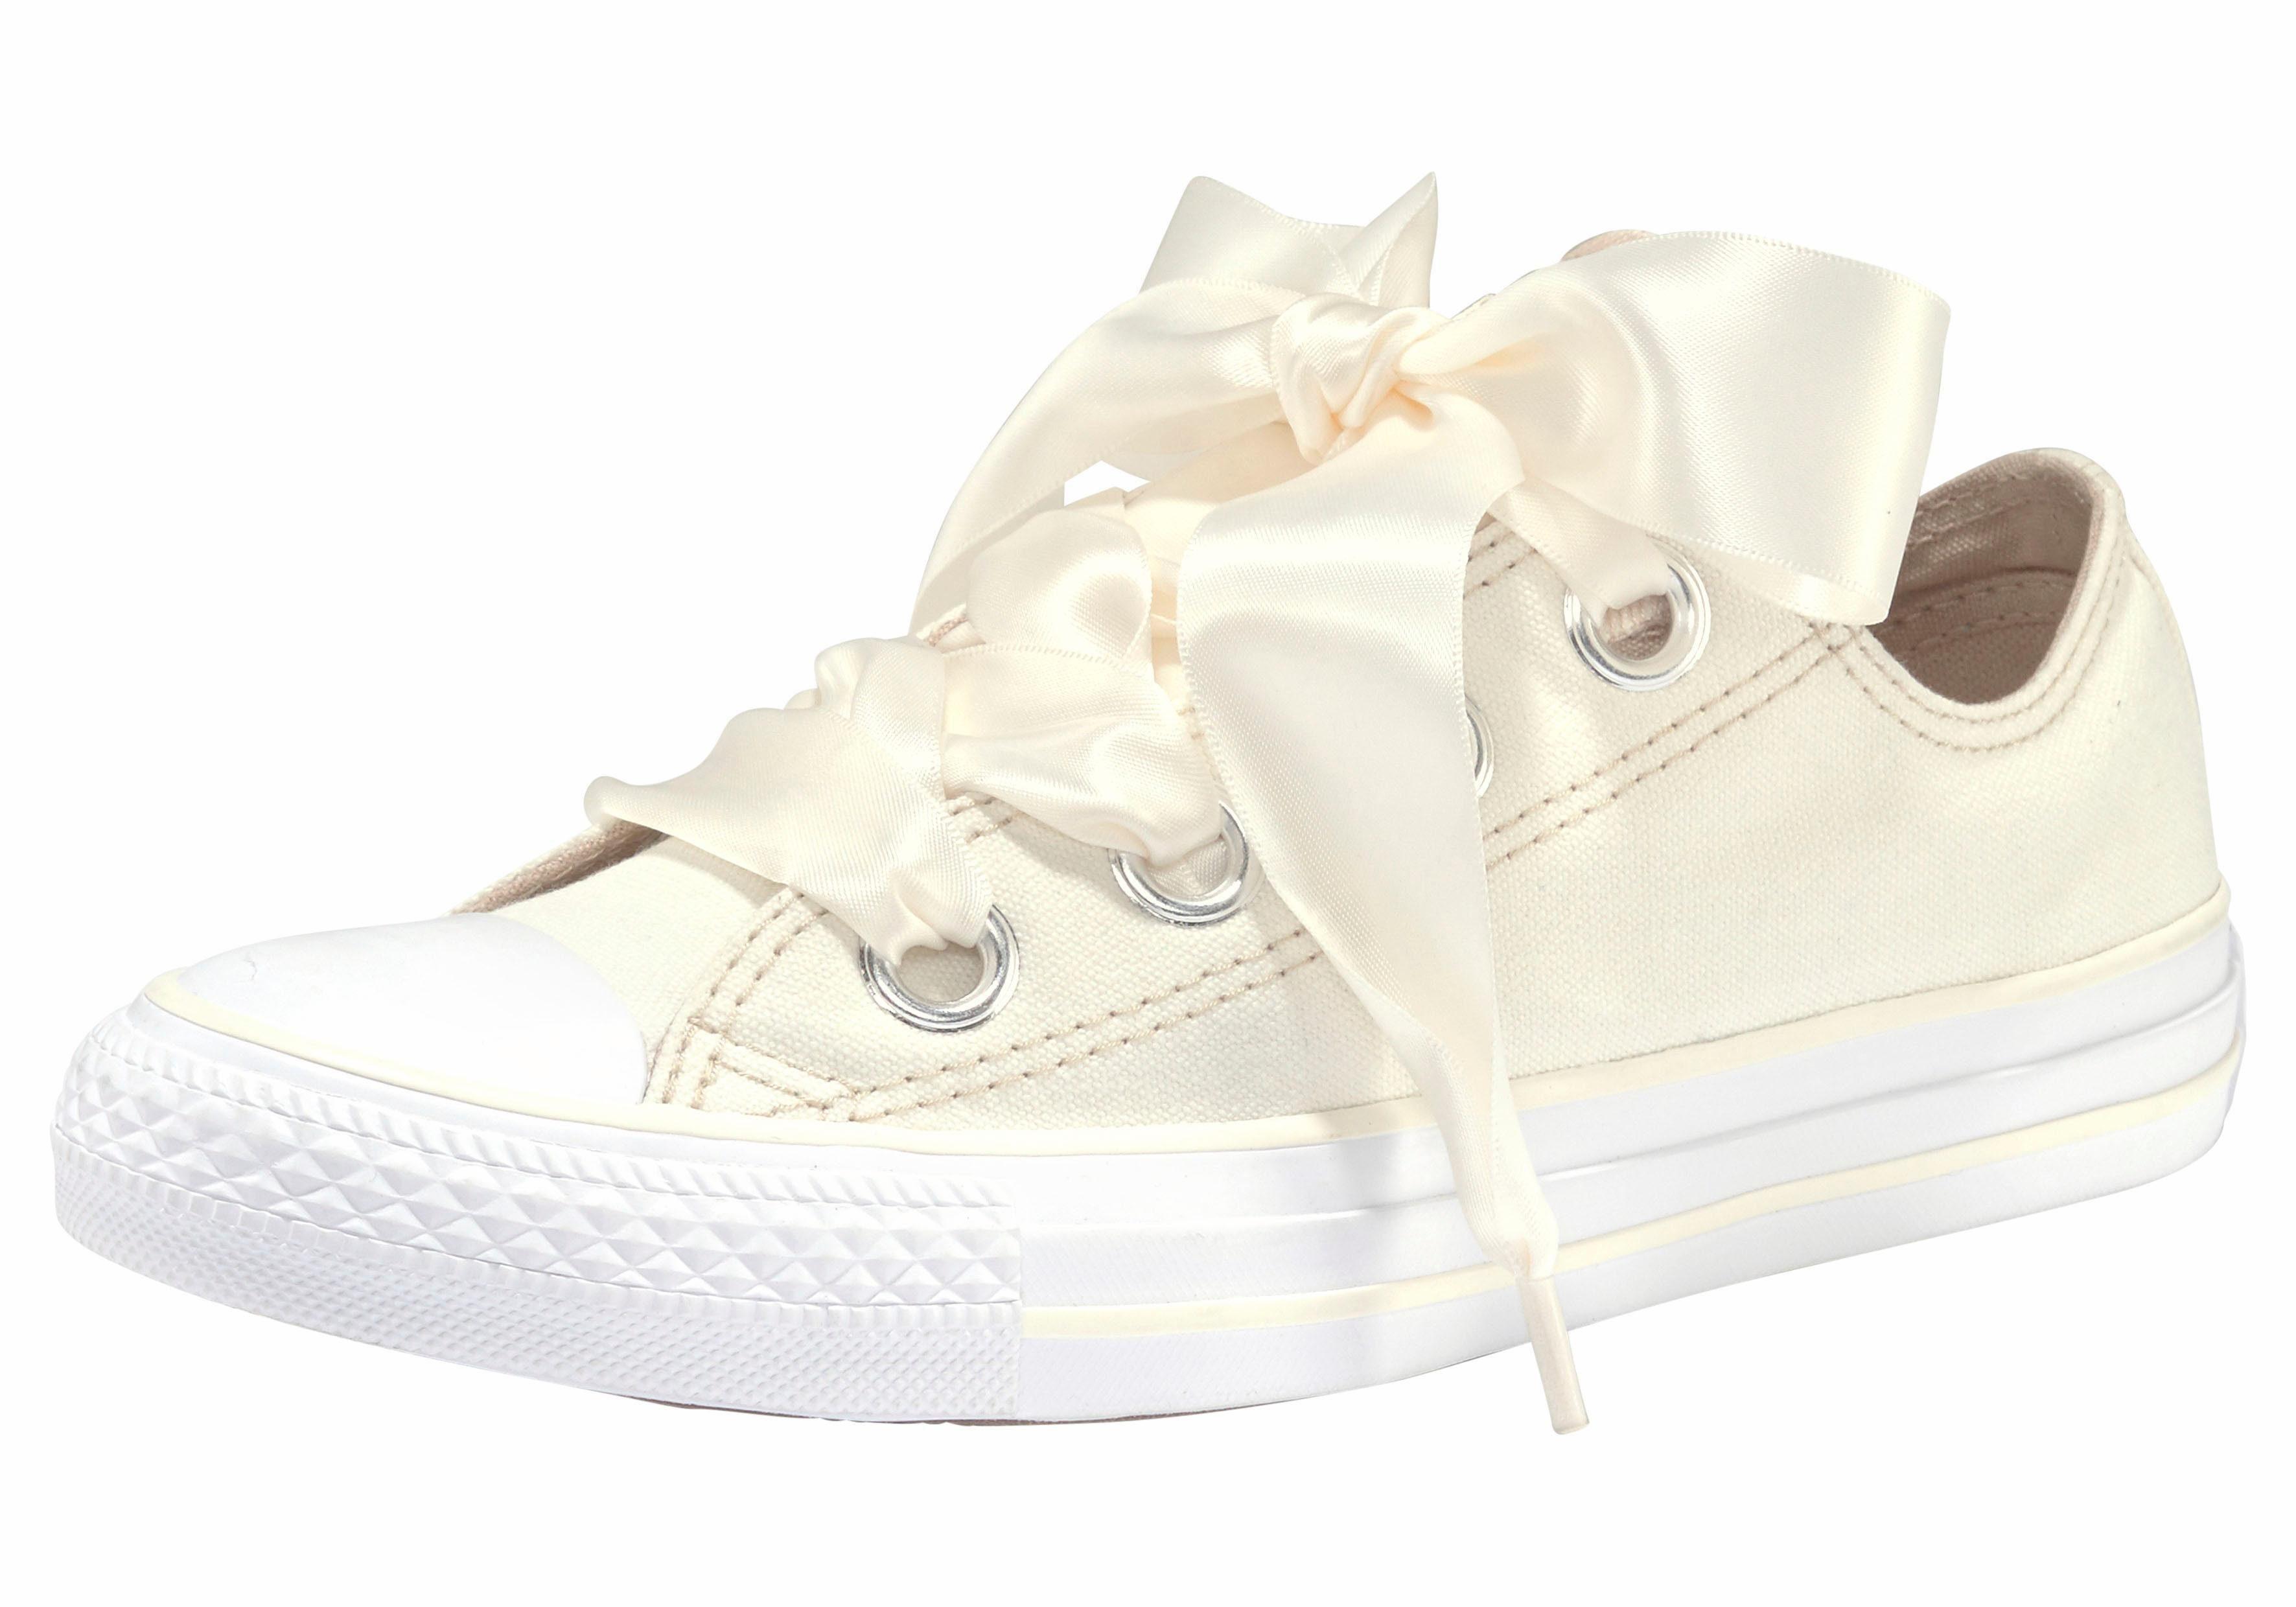 Converse Chuck Taylor All Star Ox Big Eyelet Sneaker online kaufen  elfenbeinfarben